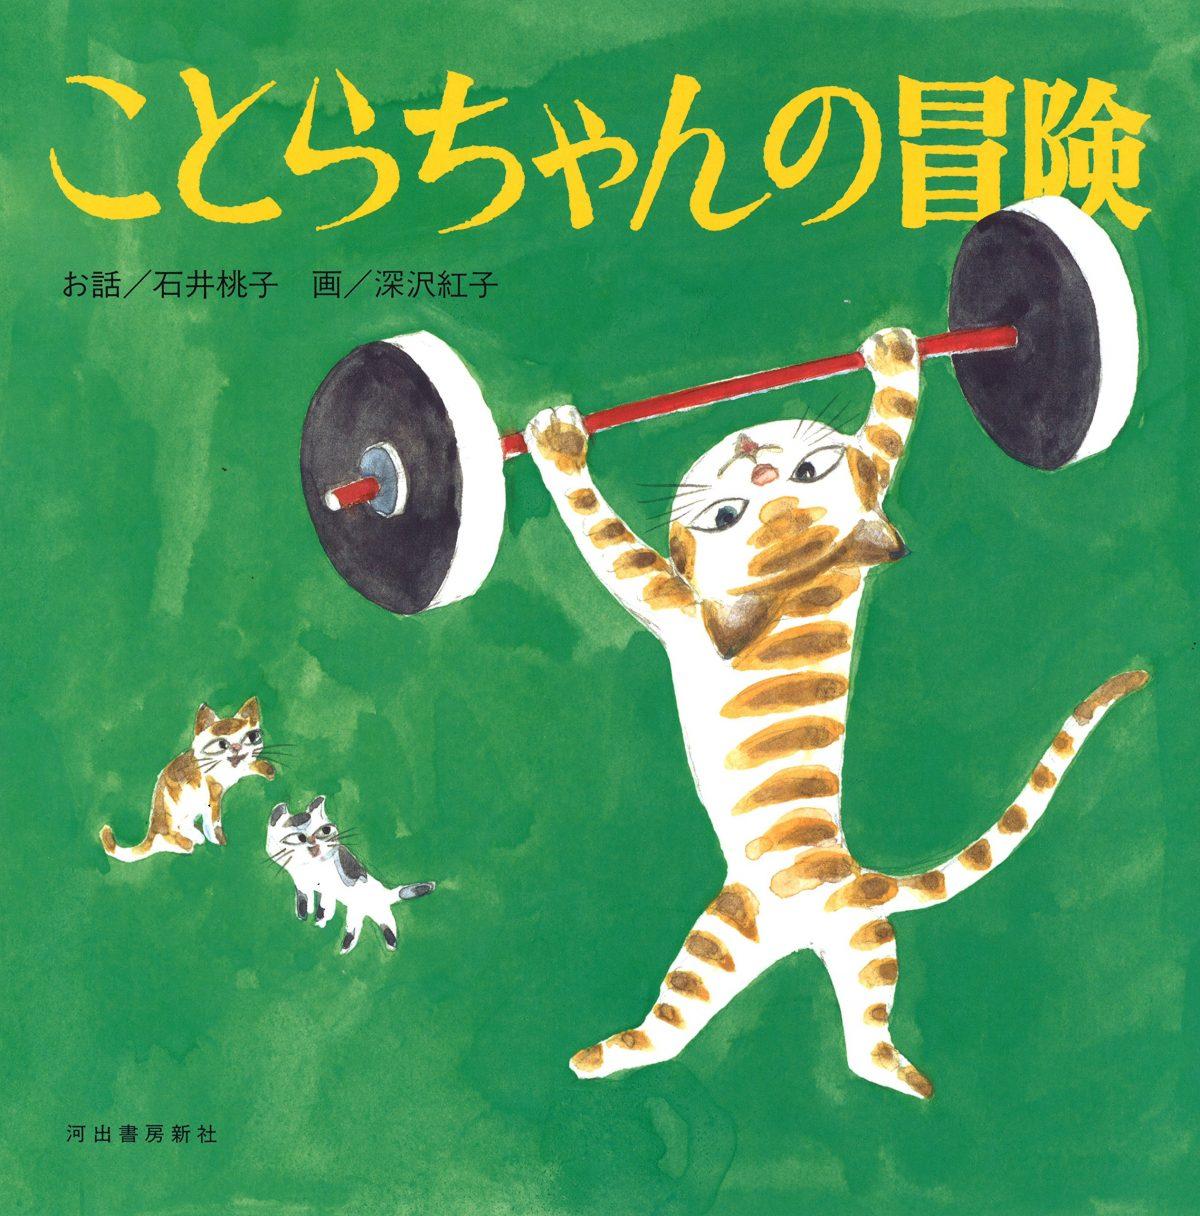 絵本「ことらちゃんの冒険」の表紙